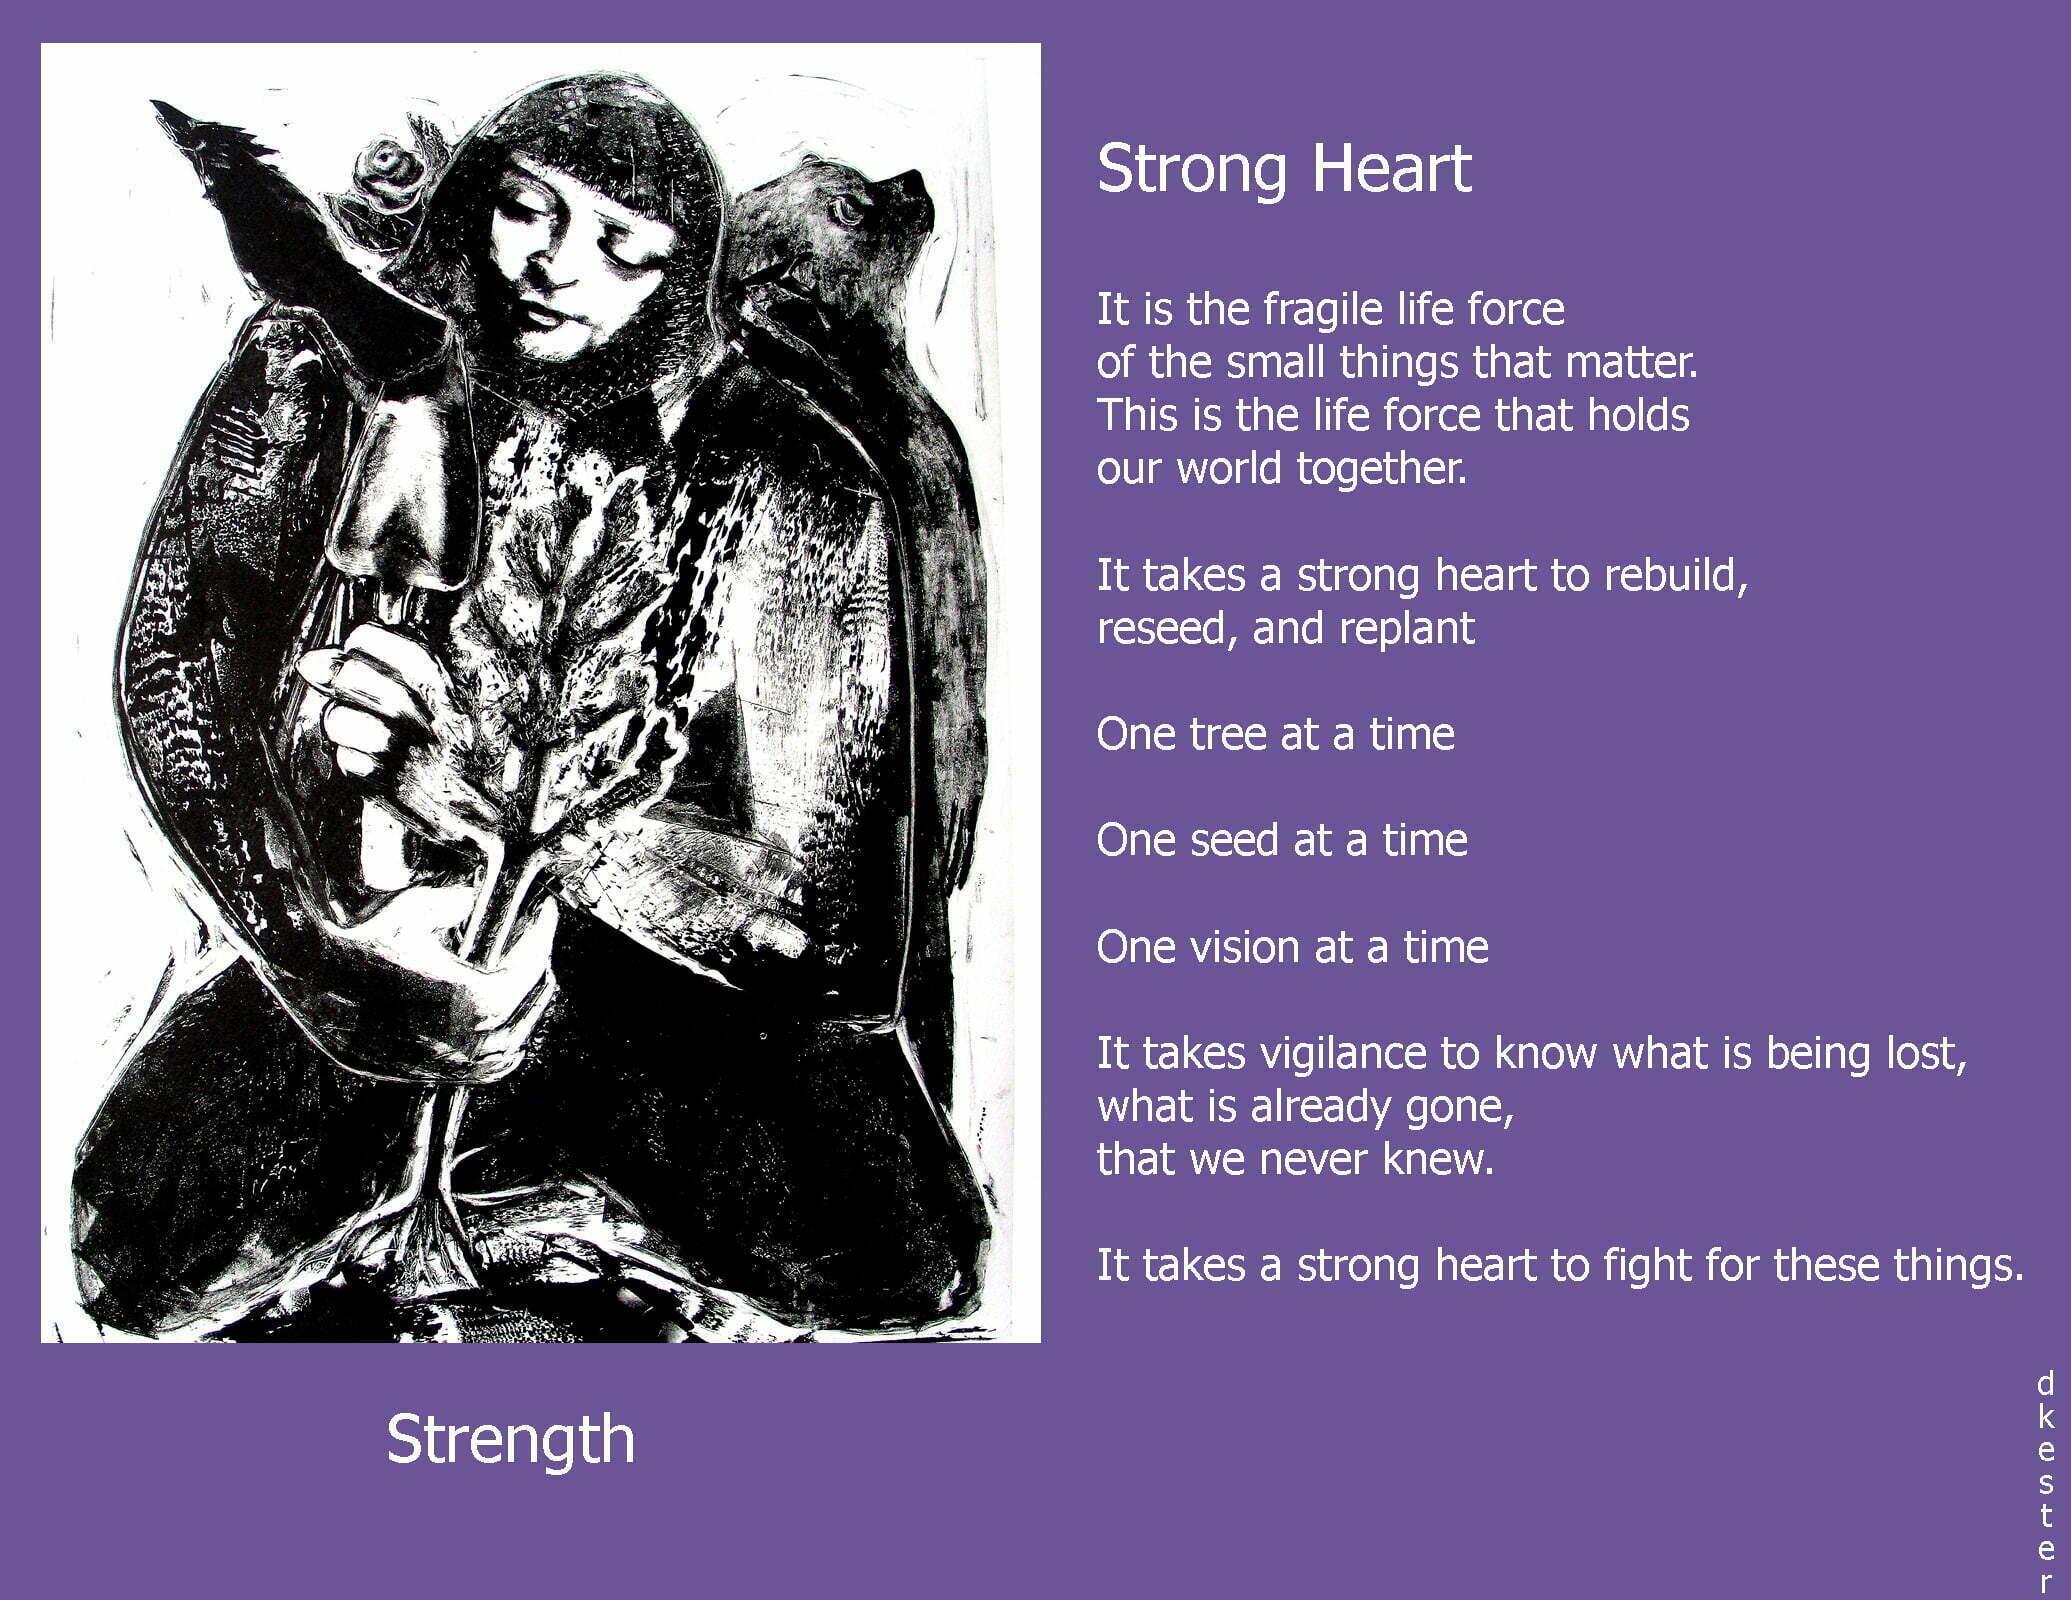 Denise Kester: A Strong Heart